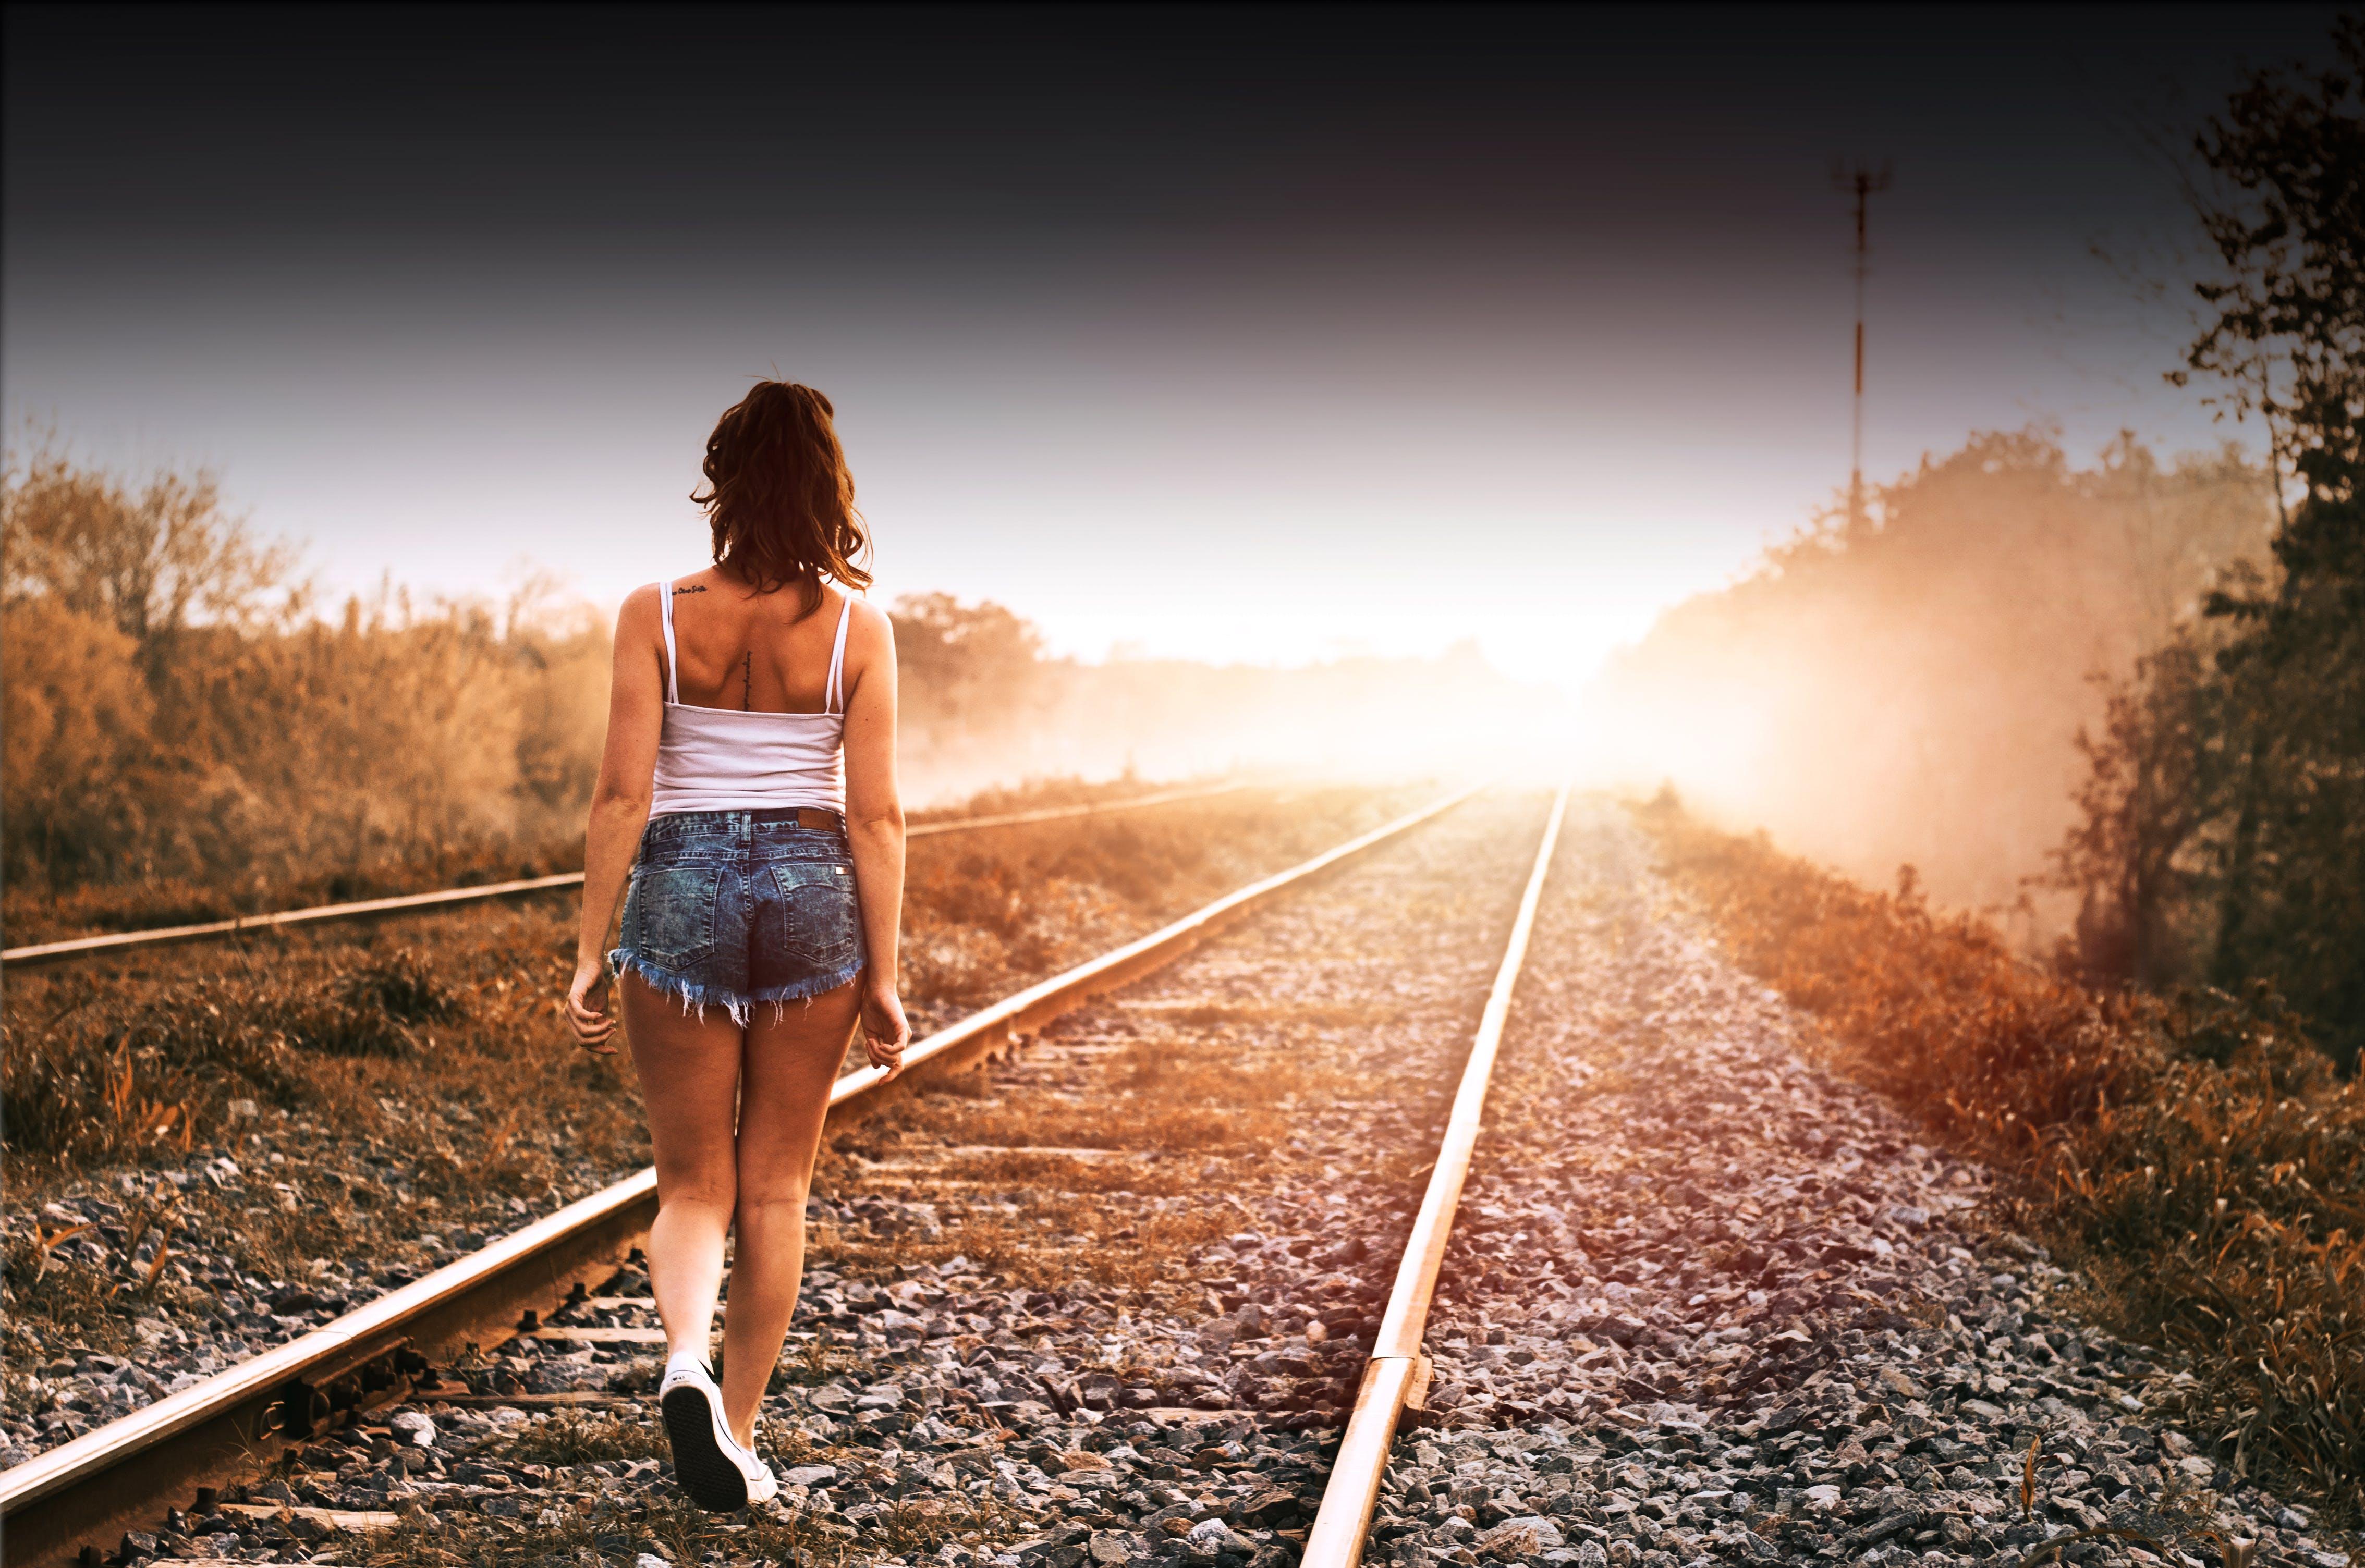 Gratis lagerfoto af gående pige, jernbanelinje, Pige, solnedgang